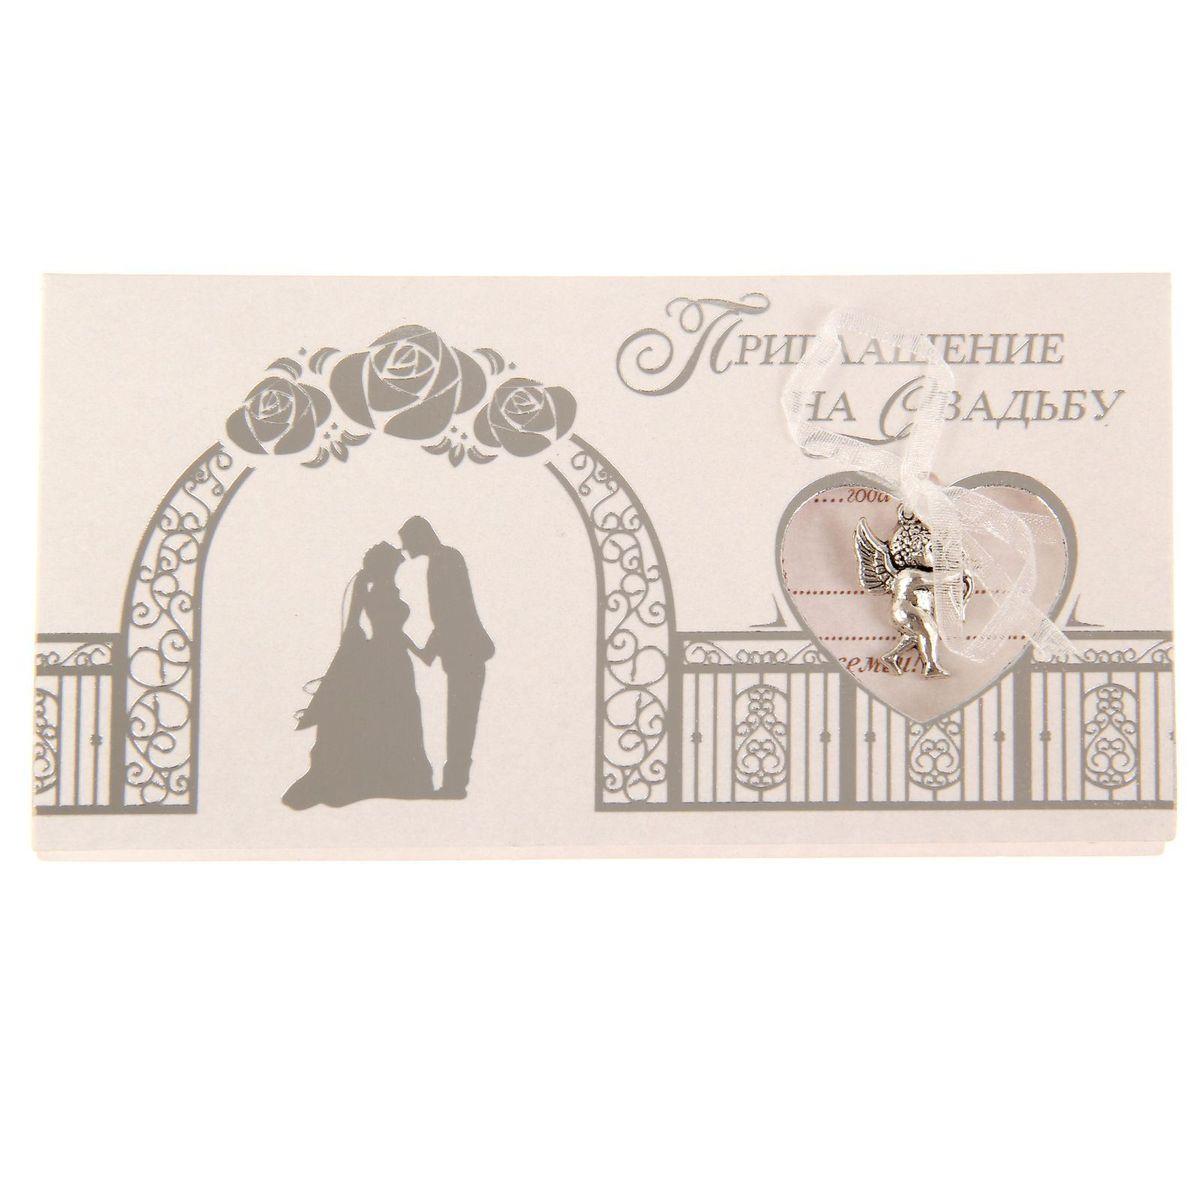 Приглашение на свадьбу Sima-land Жених и невеста, 13 х 7 см1177999Свадьба - одно из главных событий в жизни каждого человека. Для идеального торжества необходимо продумать каждую мелочь. Родным и близким будет приятно получить индивидуальную красивую открытку с эксклюзивным дизайном. Приглашение Sima-land Жених и невеста, выполненное в форме горизонтальной открытки, декорировано подвеской из металла с бантом. Внутри располагается текст приглашения, свободные поля для имени получателя, времени, даты и адреса проведения мероприятия. Заполните необходимые строки и раздайте приглашение гостям. Устройте незабываемую свадьбу с приглашением Sima-land Жених и невеста!